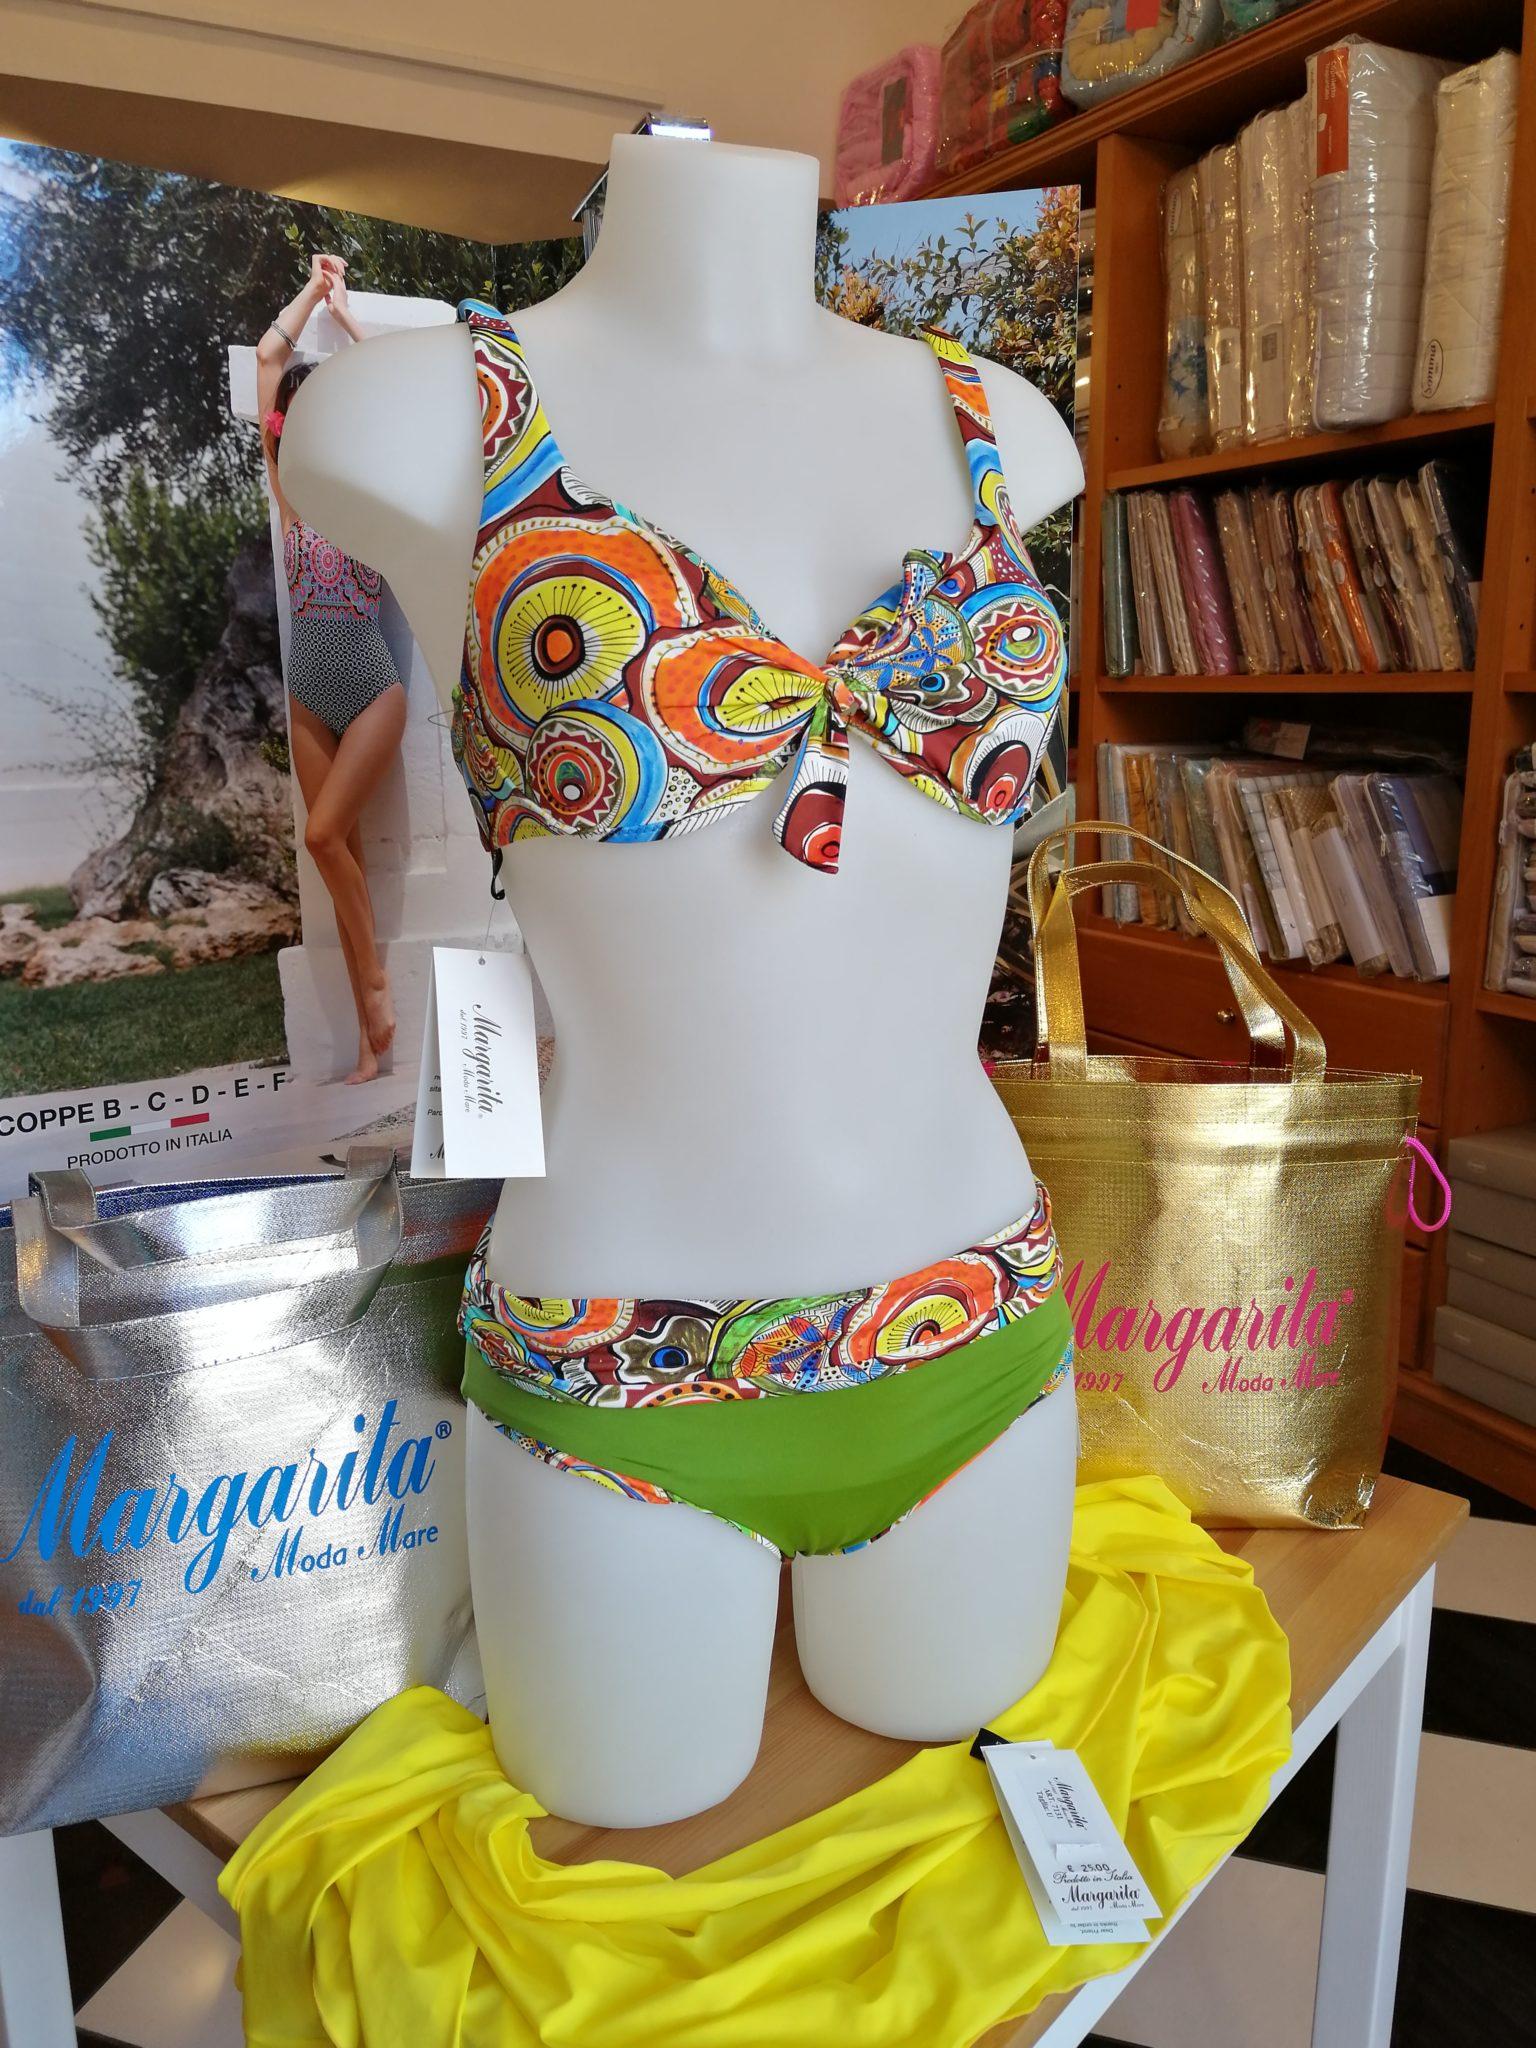 costume margarita 8803